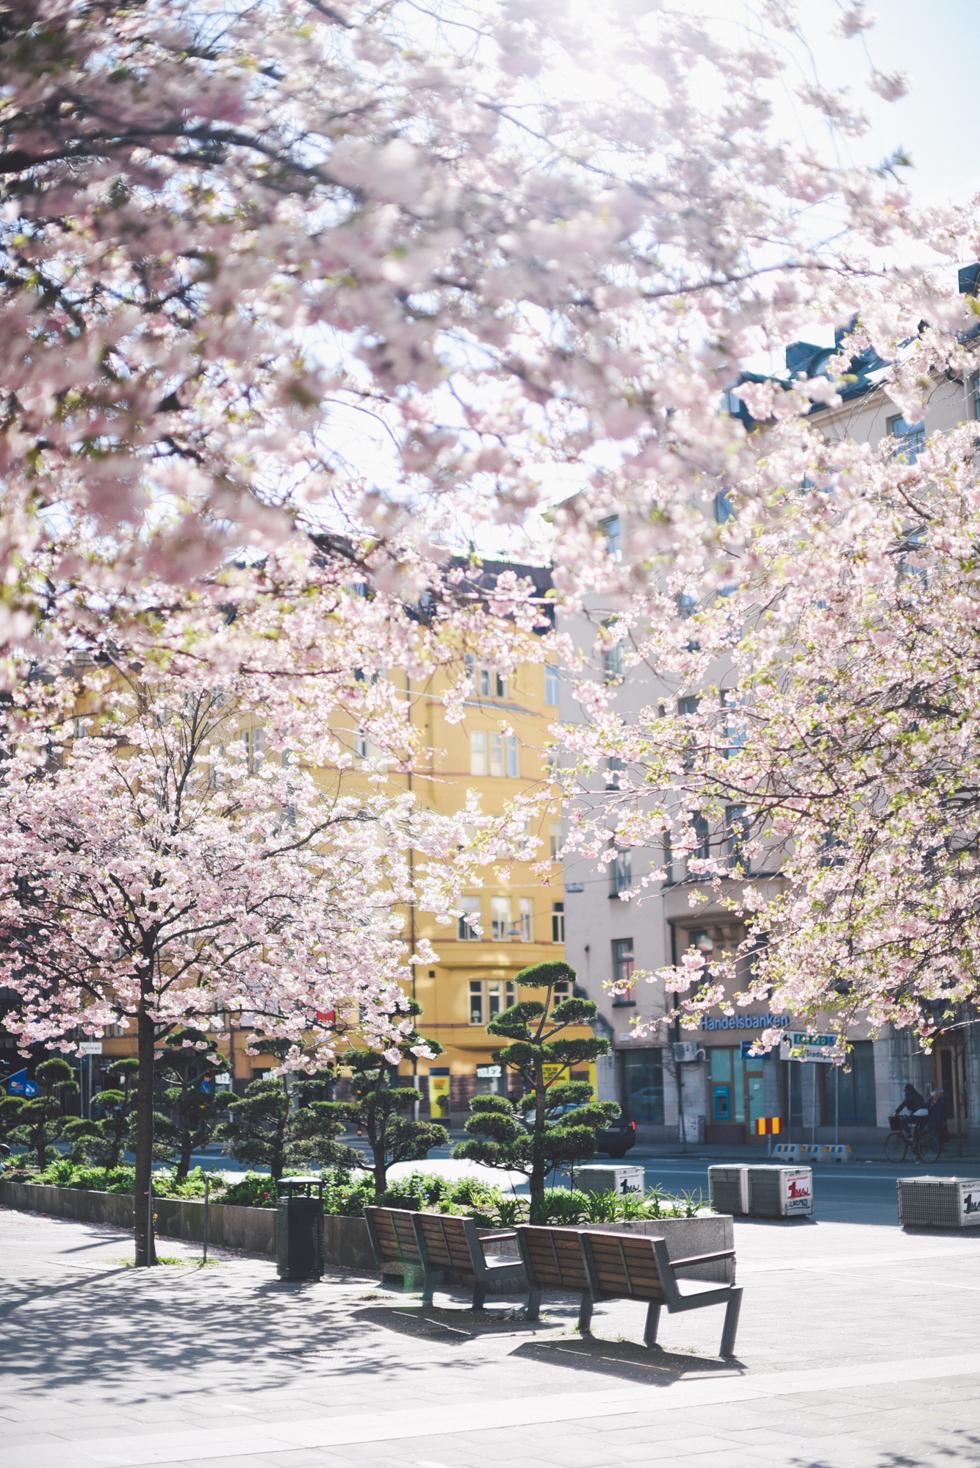 Bysistorget, Stockholm, florasblogg.se, @florawis